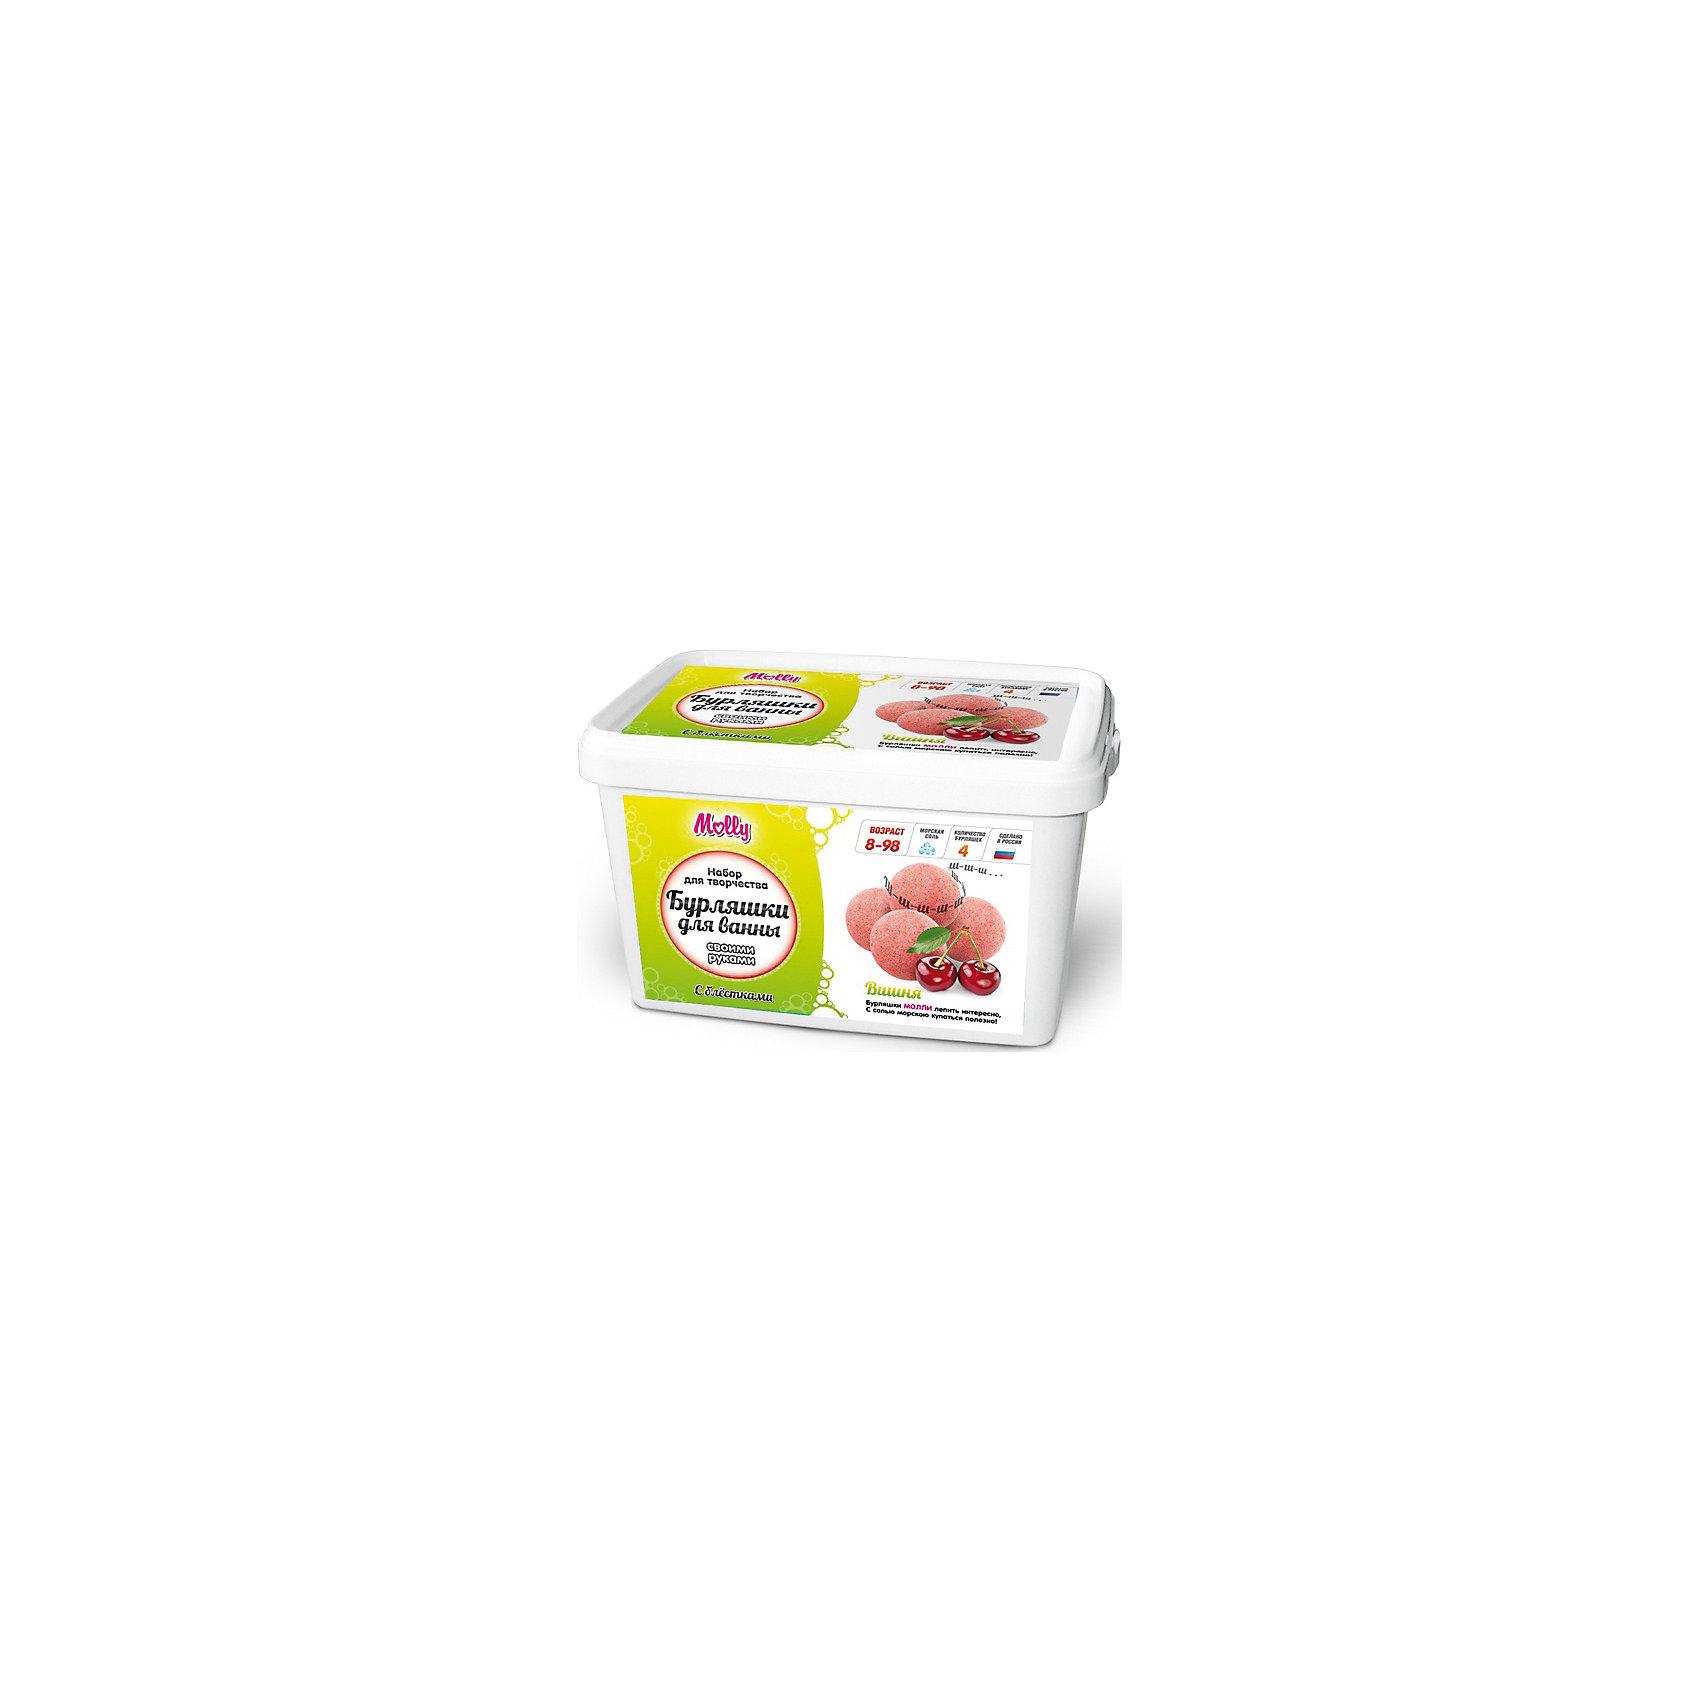 Бурляшки для ванны своими руками  ВишняКосметика, грим и парфюмерия<br>Оригинальные бурляшки (бомбочки для ванн), которые можно создать своими руками. В состав набора входит: сода, лимонная кислота, морская соль, 1 краситель, 1 ароматизатор,  форма для бурляшек,  одноразовые перчатки и подробная инструкция.<br><br>Ширина мм: 20<br>Глубина мм: 13<br>Высота мм: 11<br>Вес г: 500<br>Возраст от месяцев: 96<br>Возраст до месяцев: 144<br>Пол: Унисекс<br>Возраст: Детский<br>SKU: 5115195